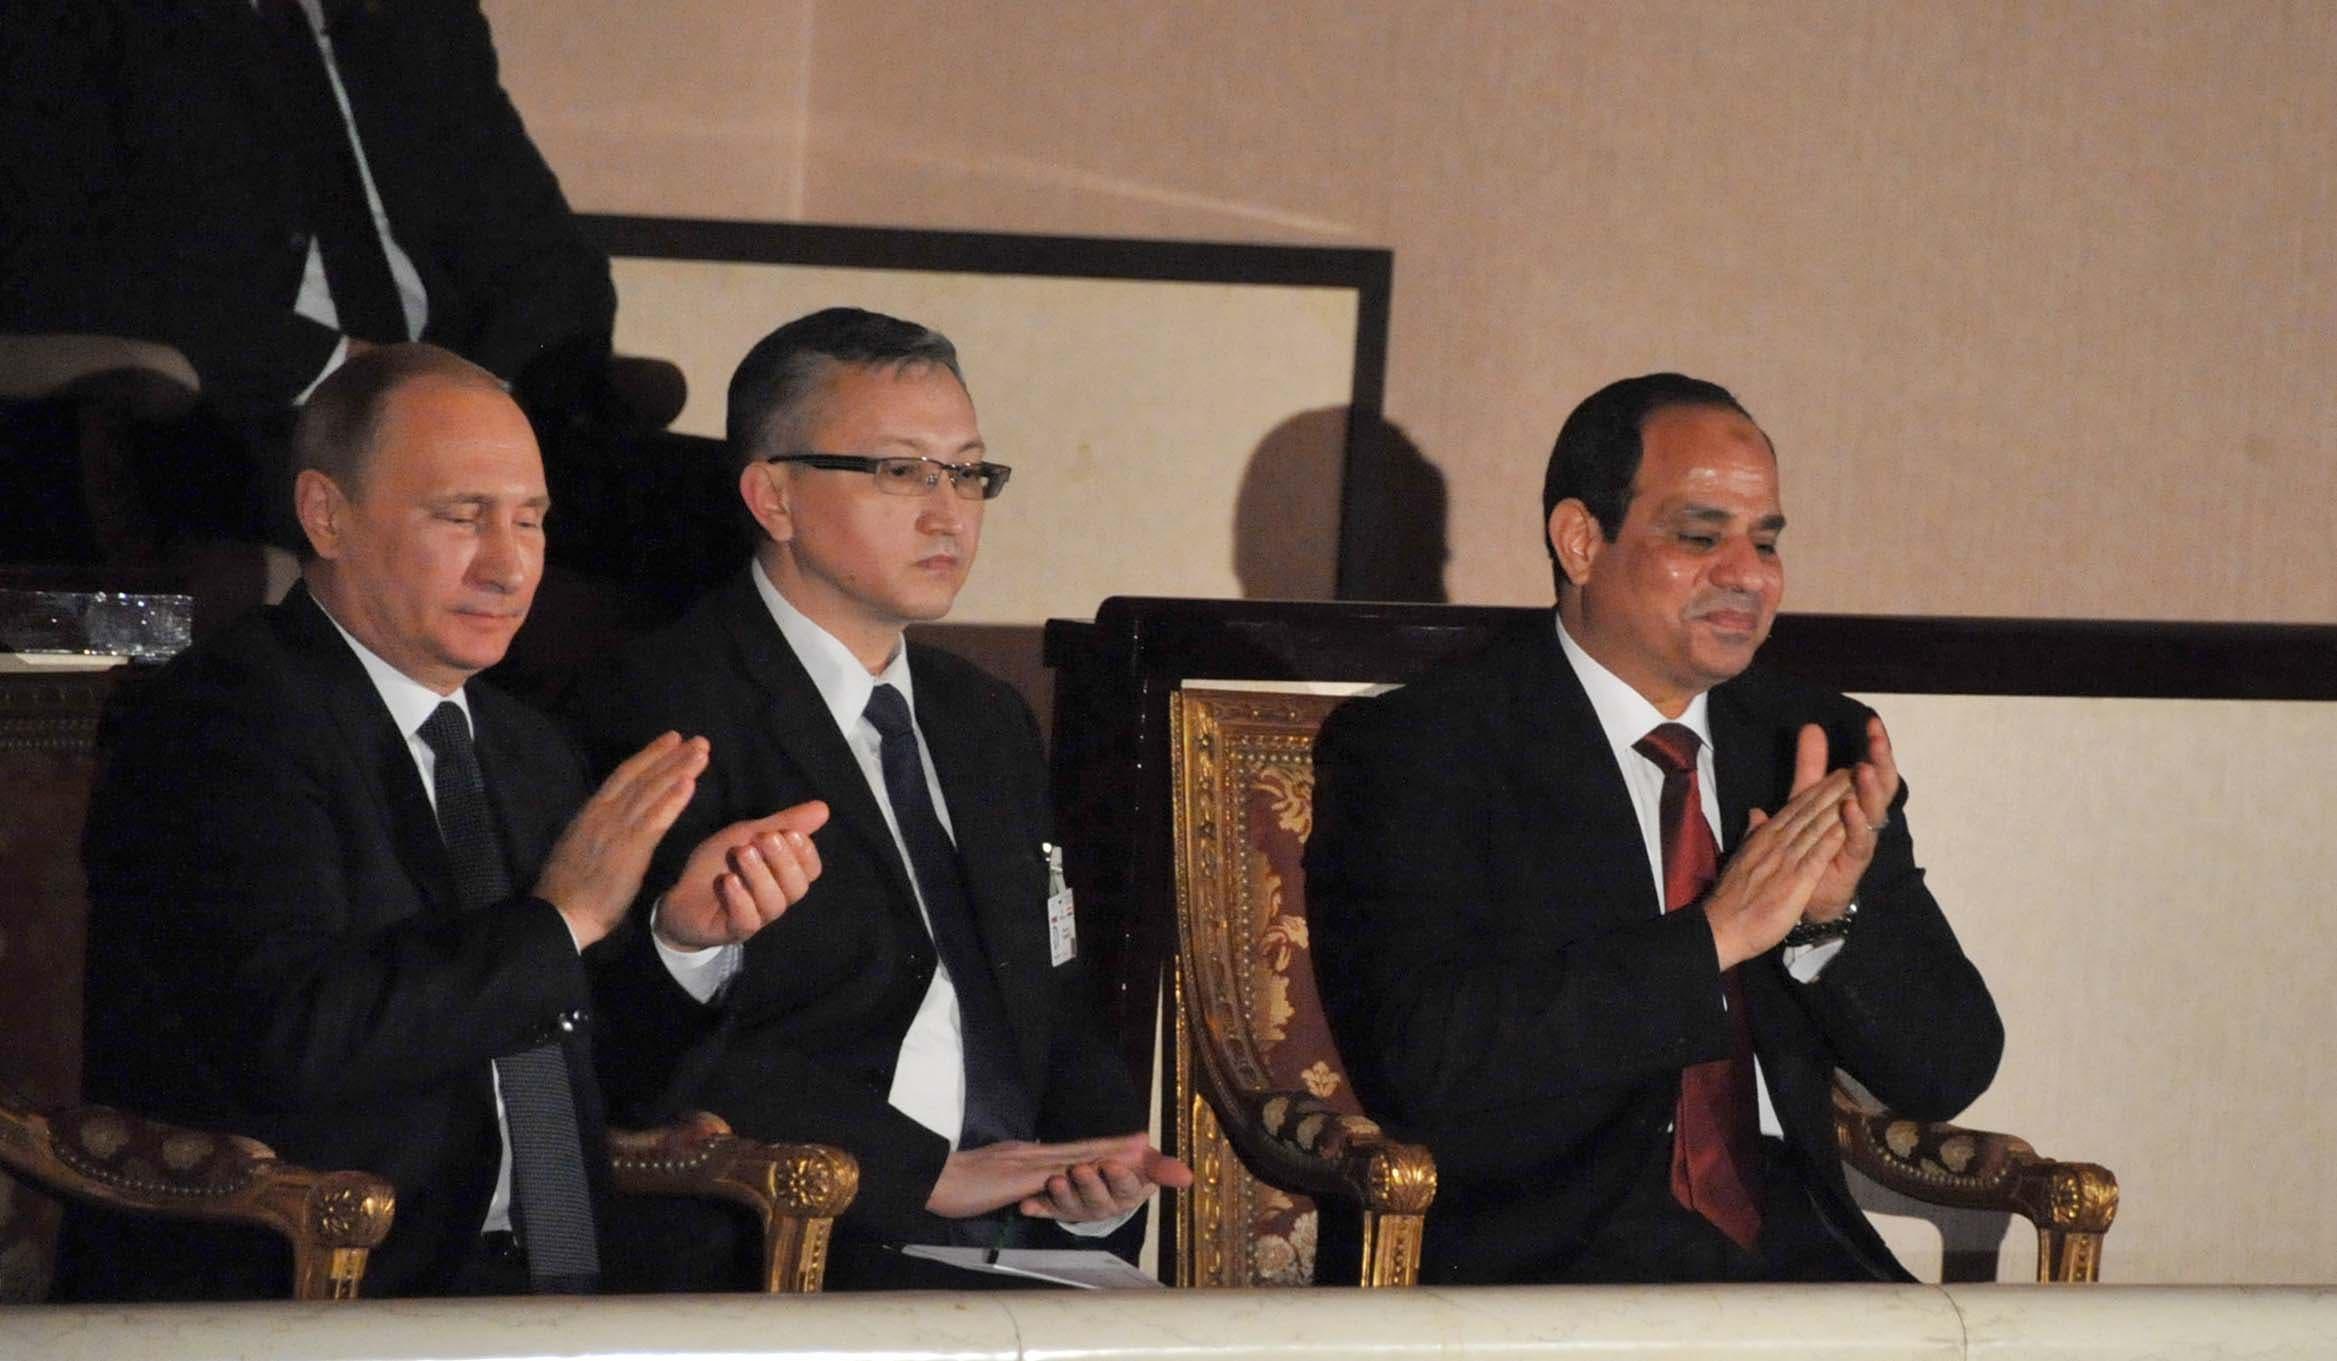 مصر اليوم الاثنين اليوم في